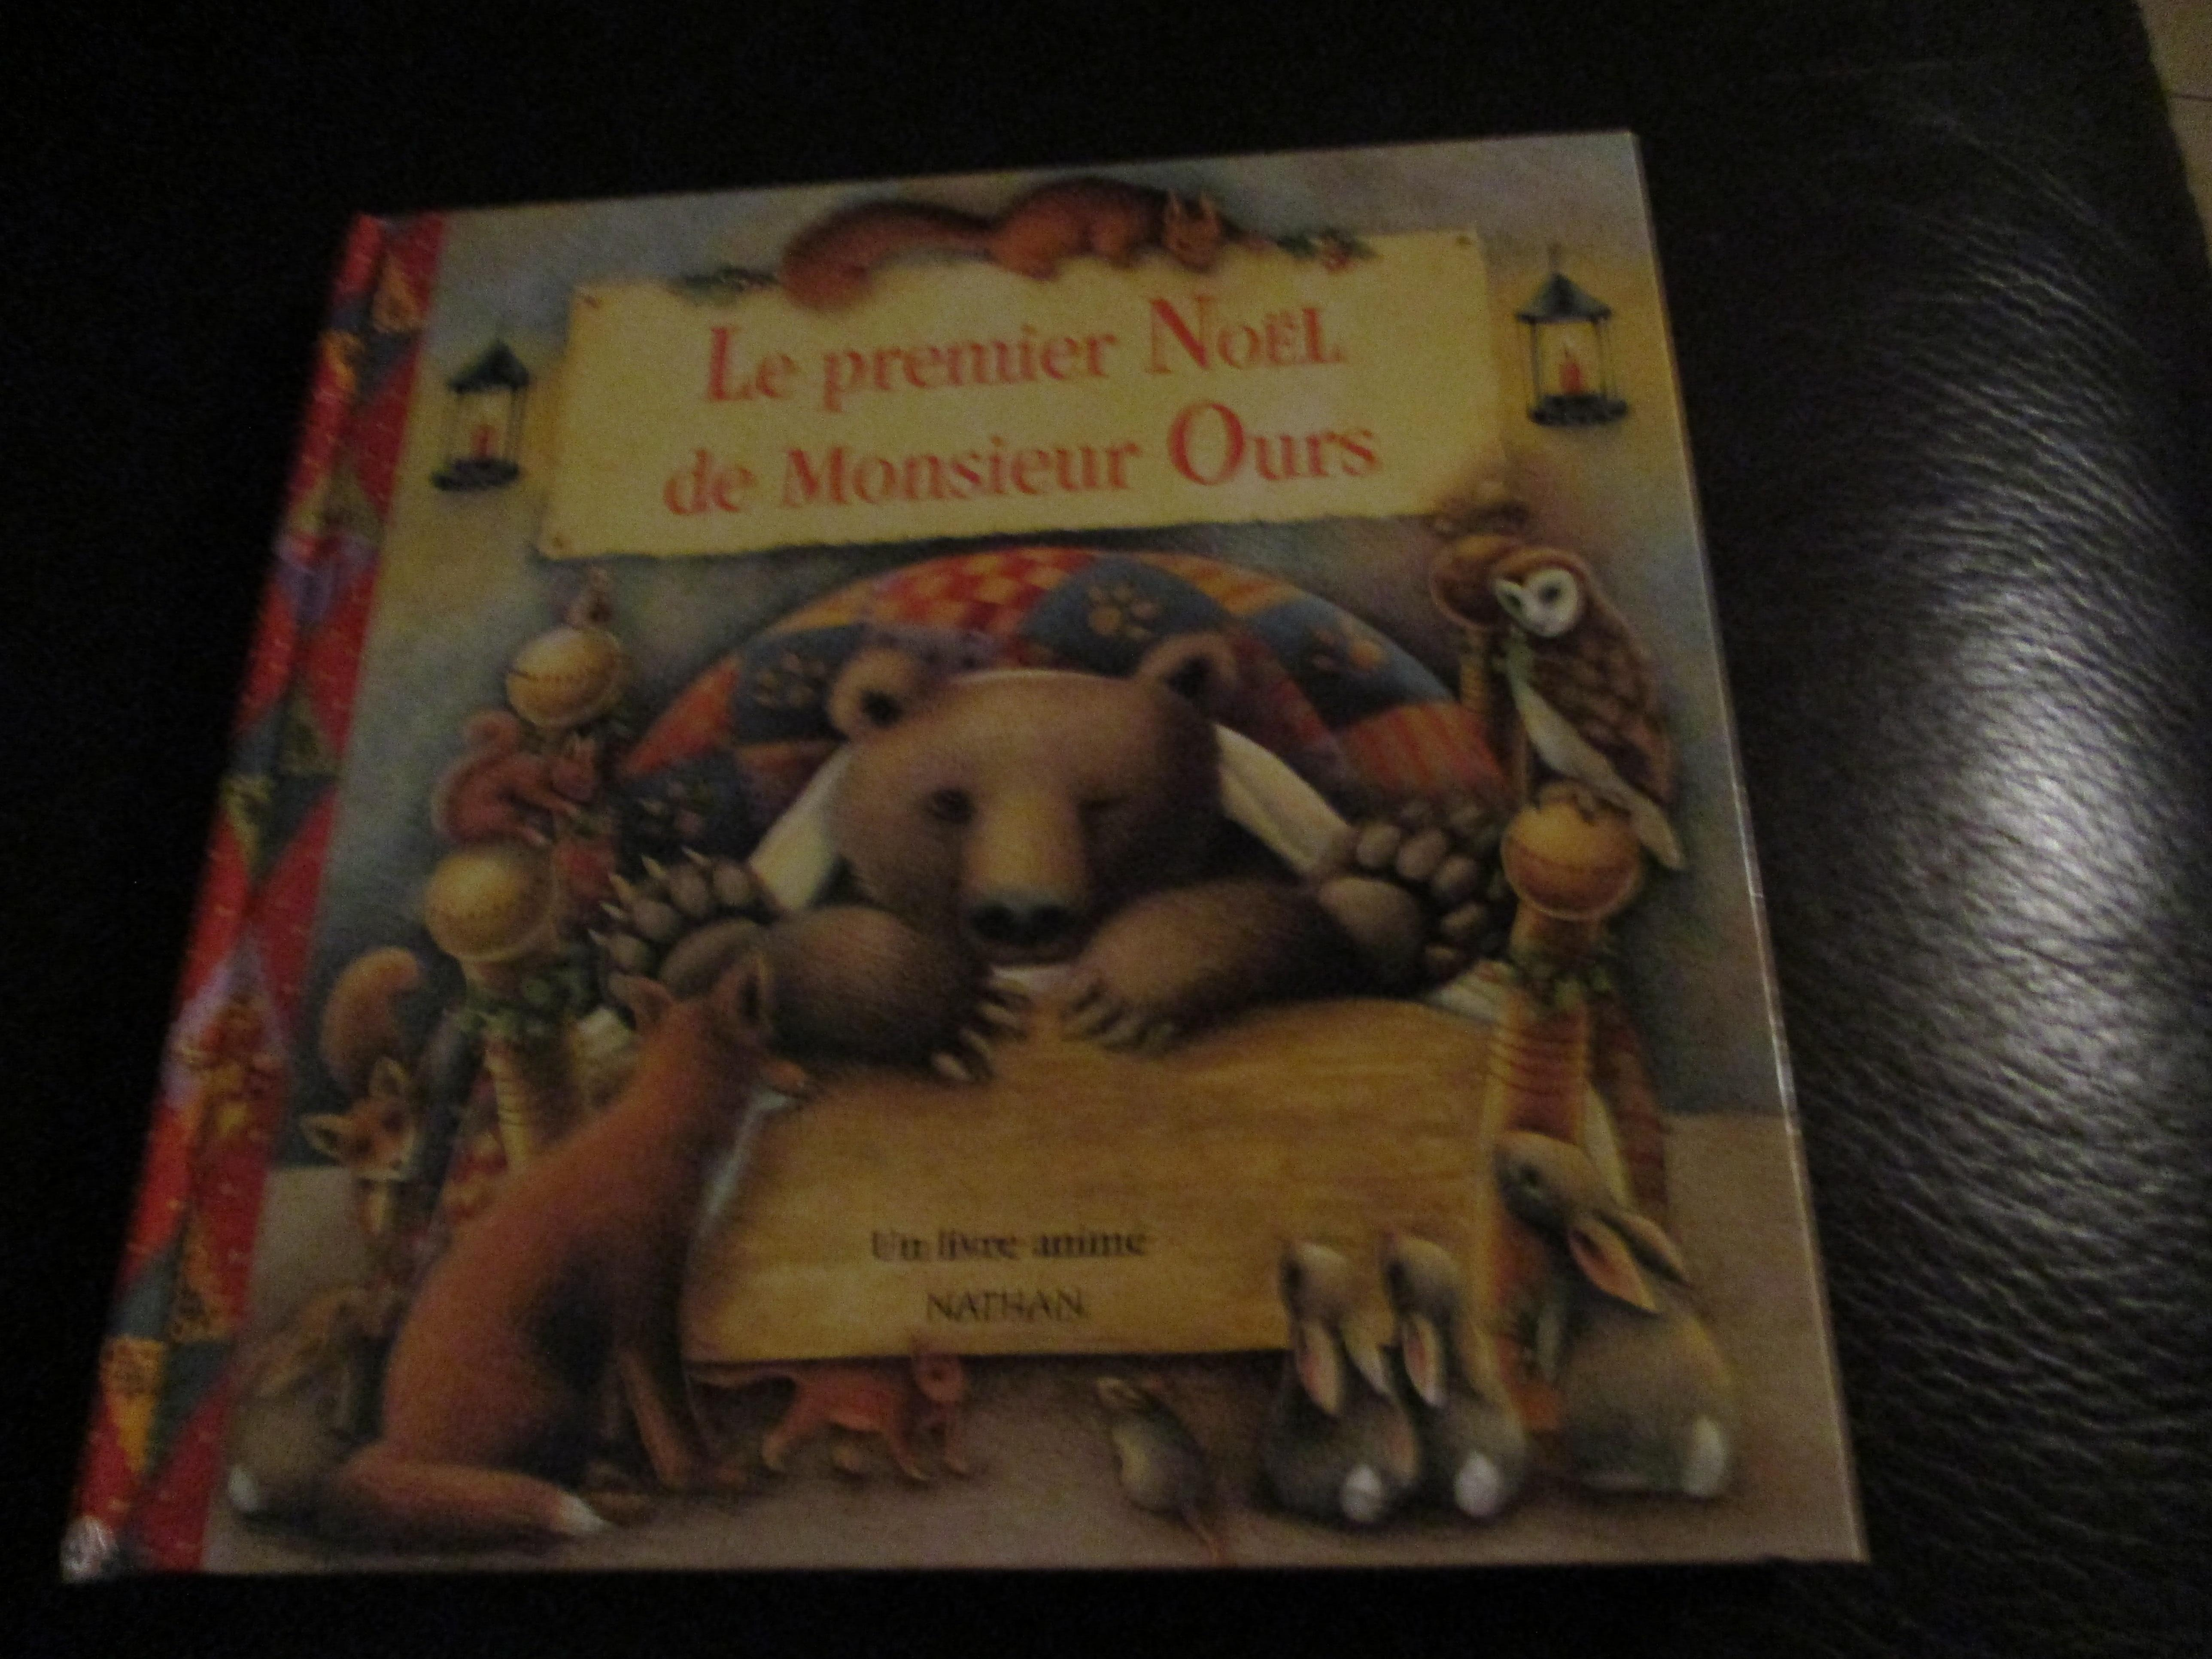 troc de troc album animé : le premier noel de monsieur ours image 0